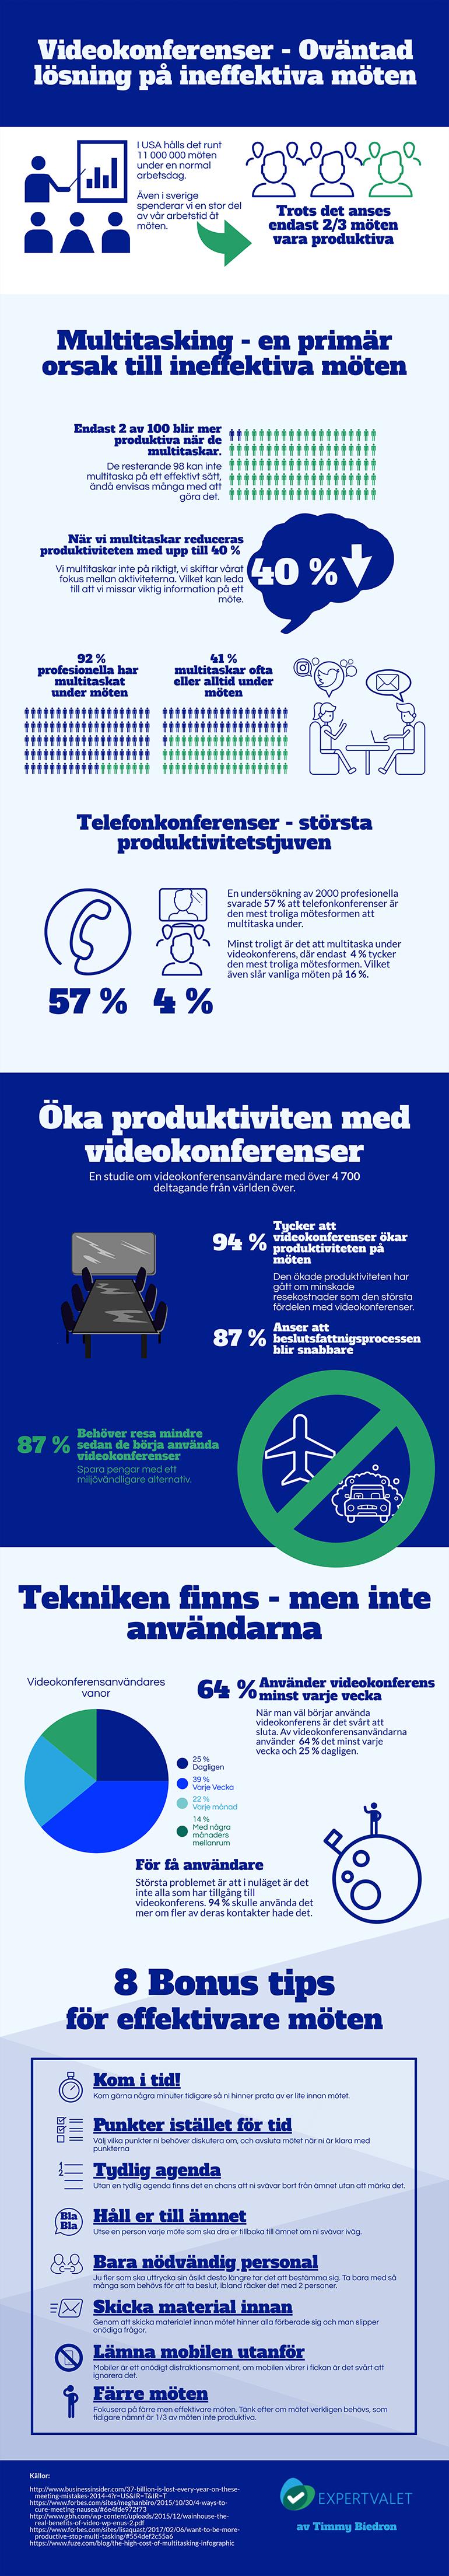 Videokonferens - Oväntad lösning på ineffektiva möten